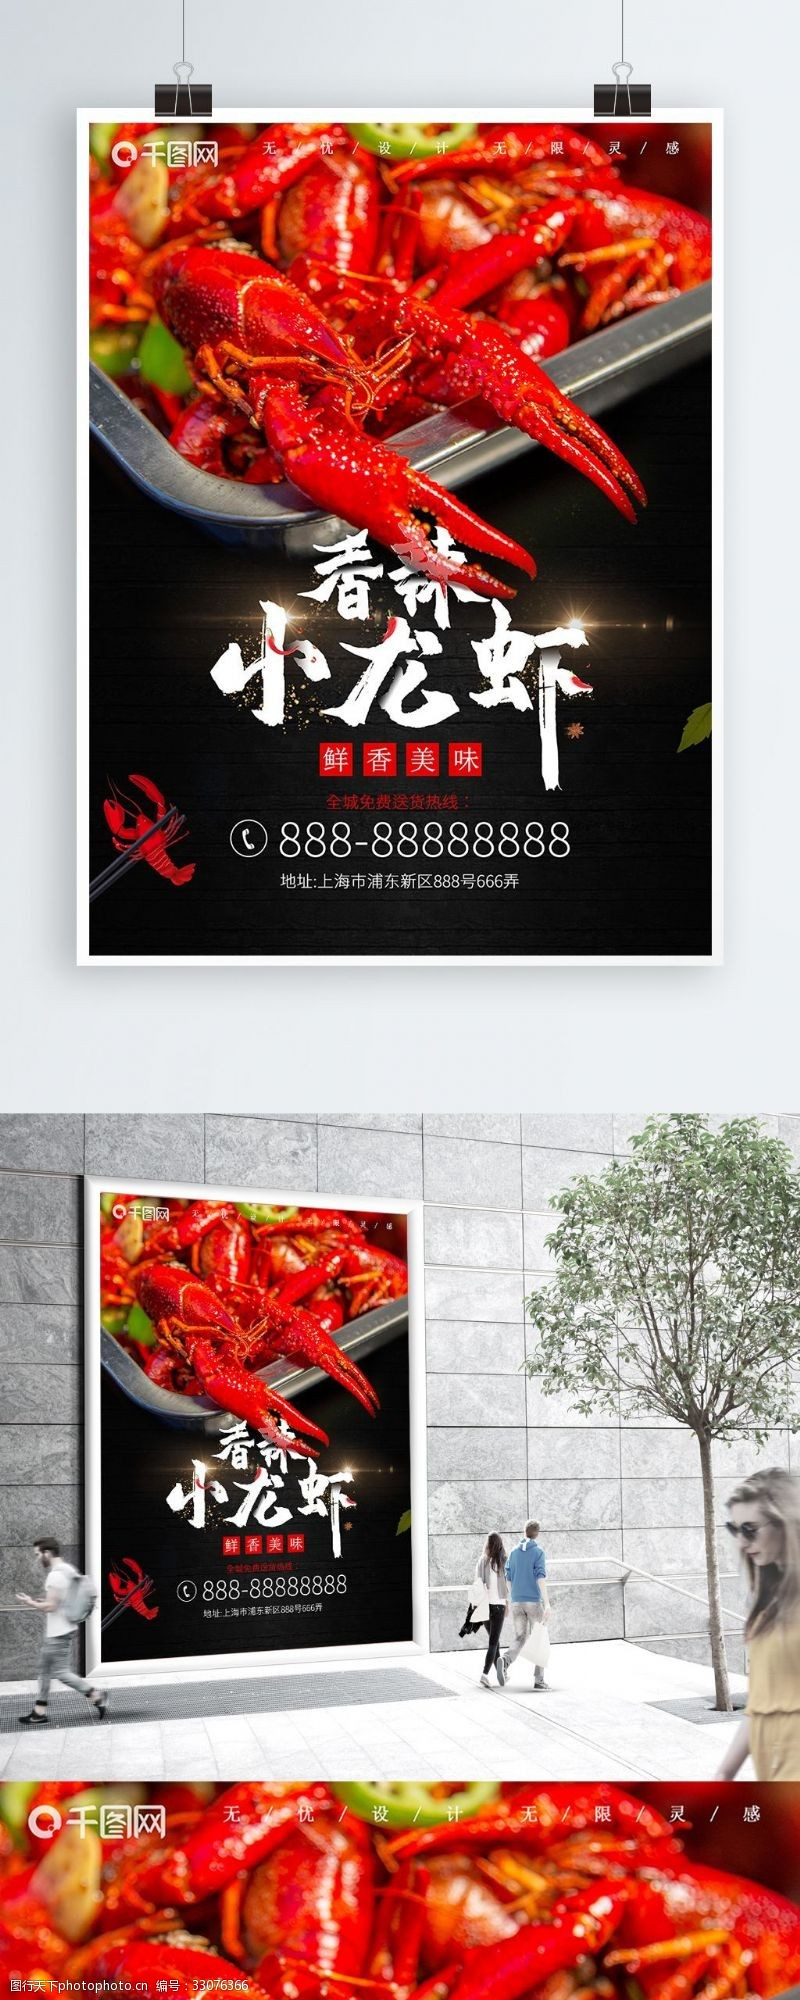 香辣小龙虾海报龙虾广告